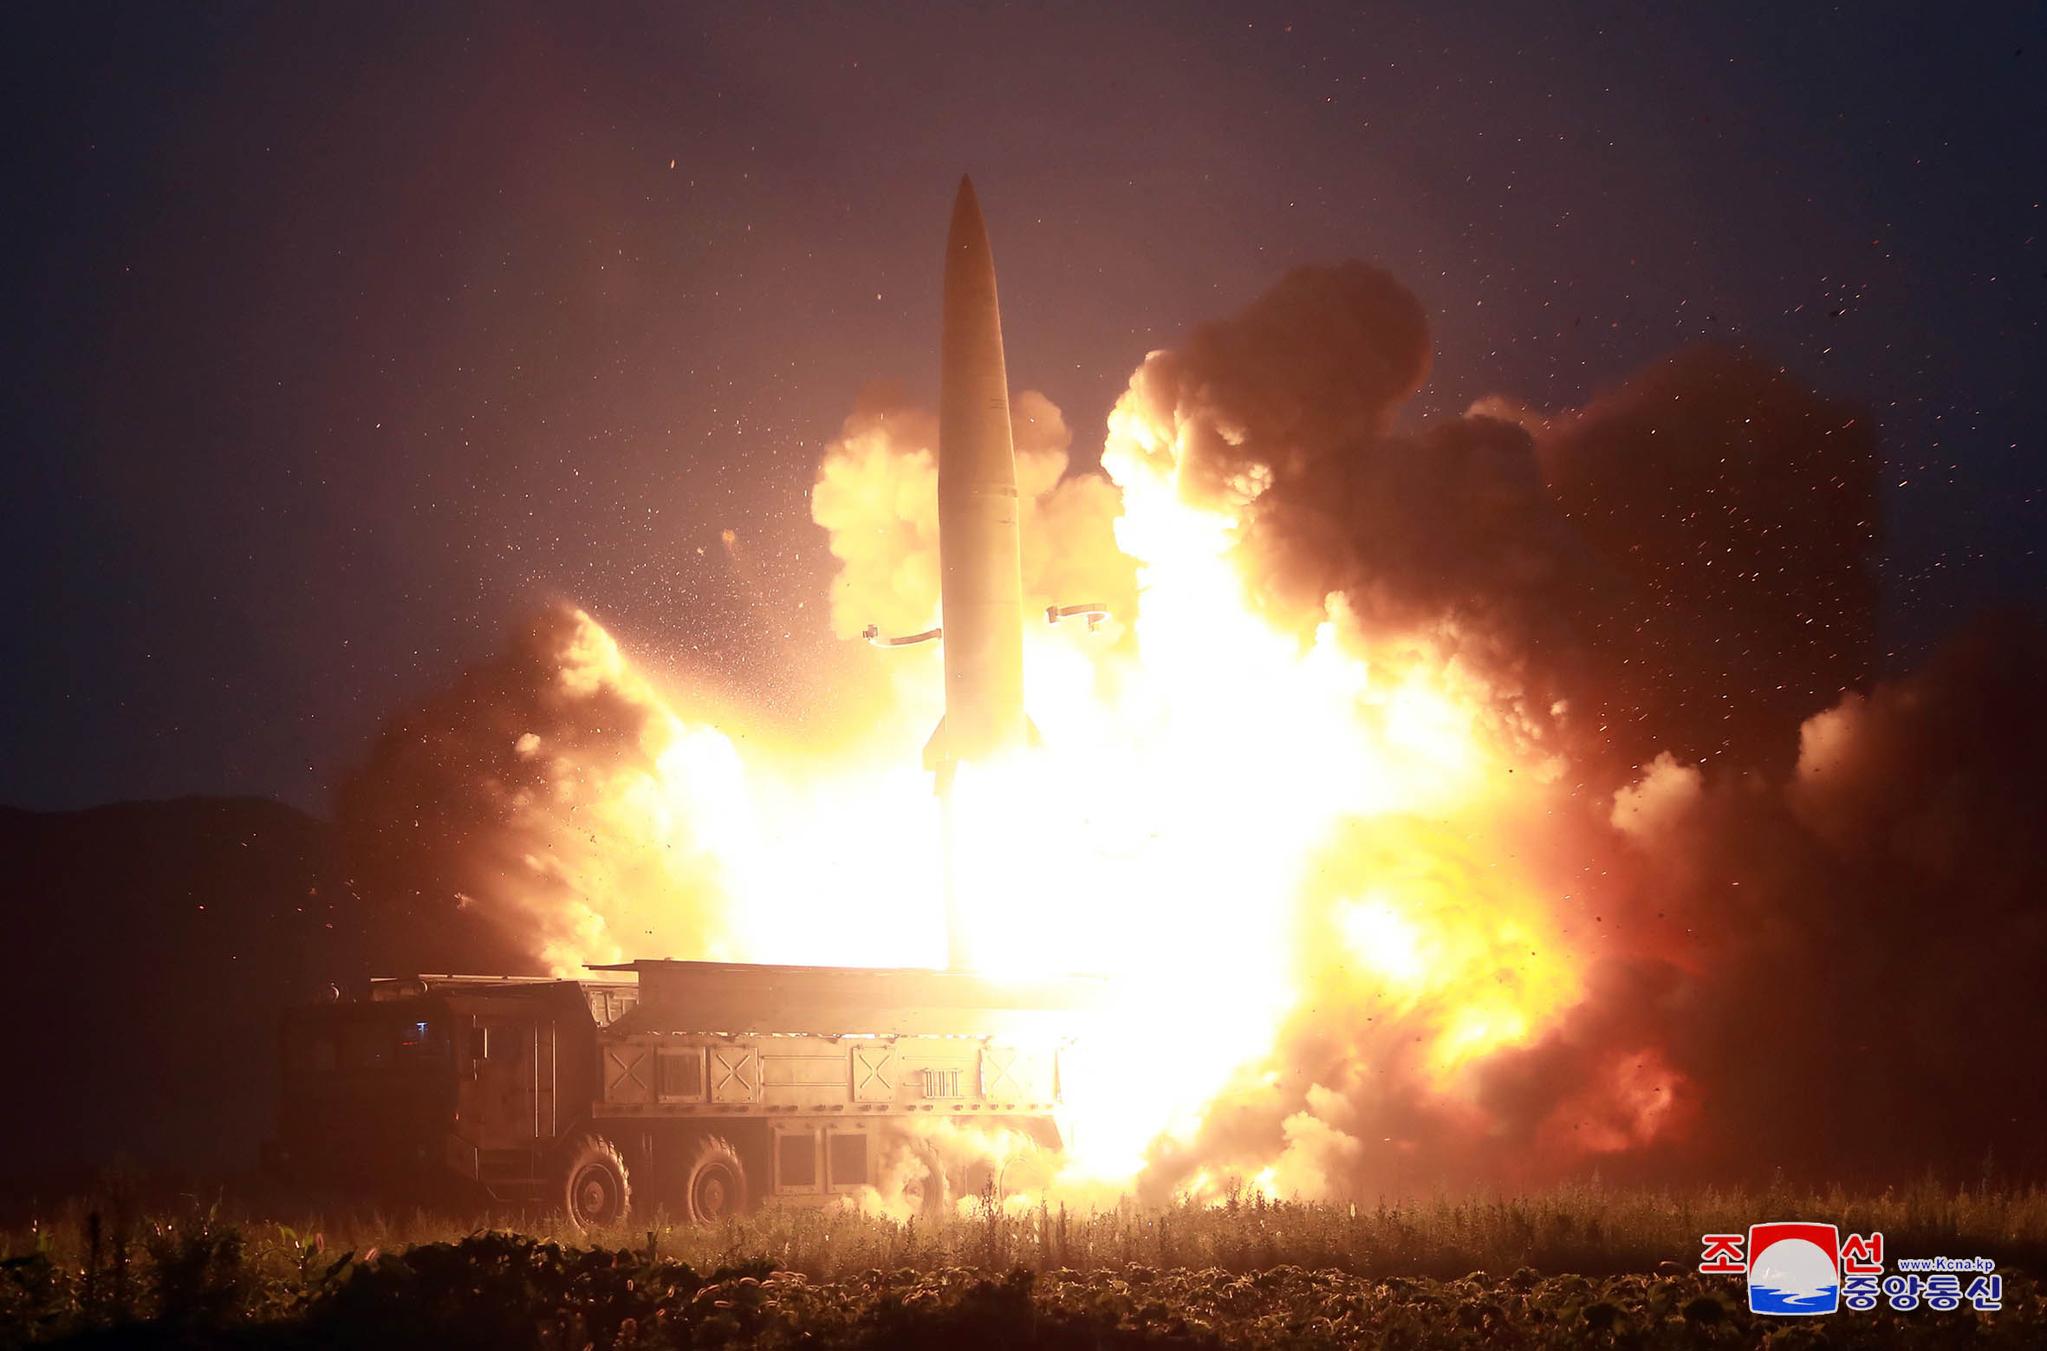 북한 김정은 국무위원장이 지난 6일 새벽 신형전술유도탄 발사를 참관했다고 조선중앙통신이 7일 보도했다. 사진은 신형전술유도탄 발사 모습. [조선중앙통신=연합뉴스]